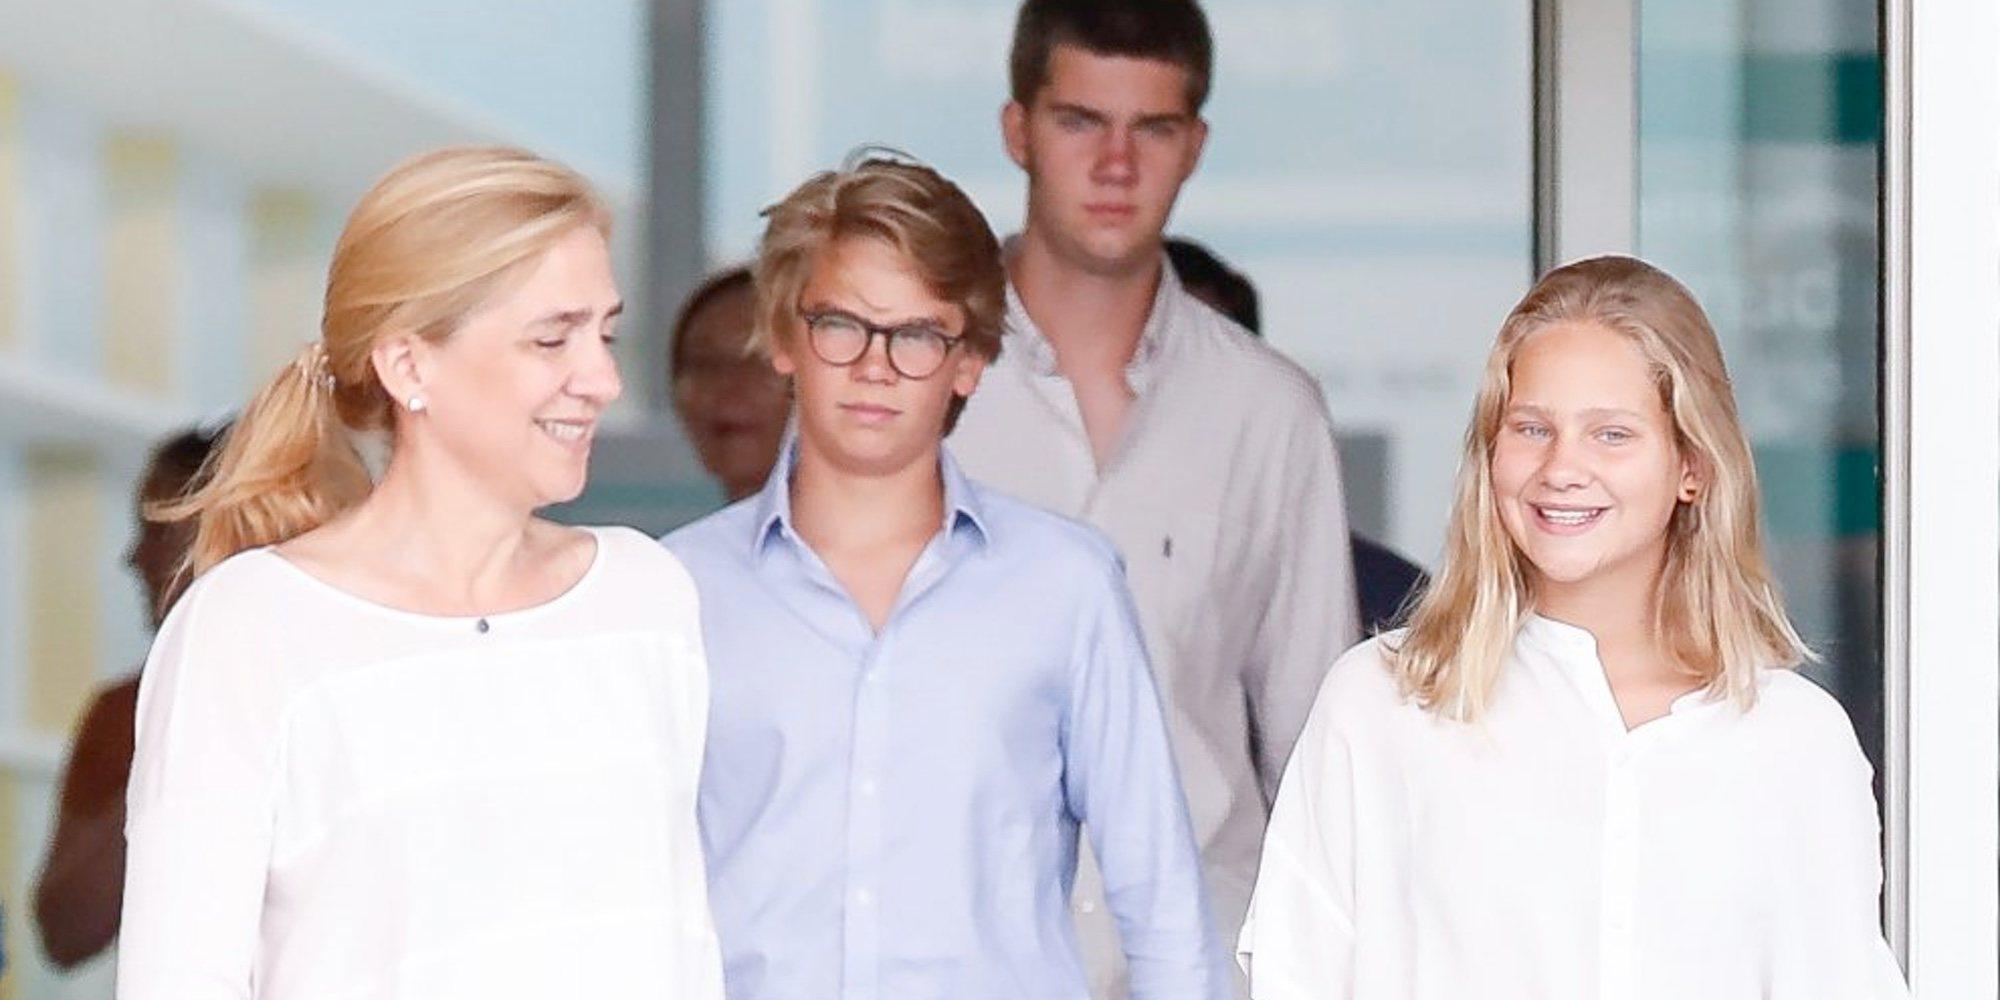 La celebración de la Infanta Cristina y sus hijos Juan, Miguel e Irene Urdangarin mientras operaban al Rey Juan Carlos